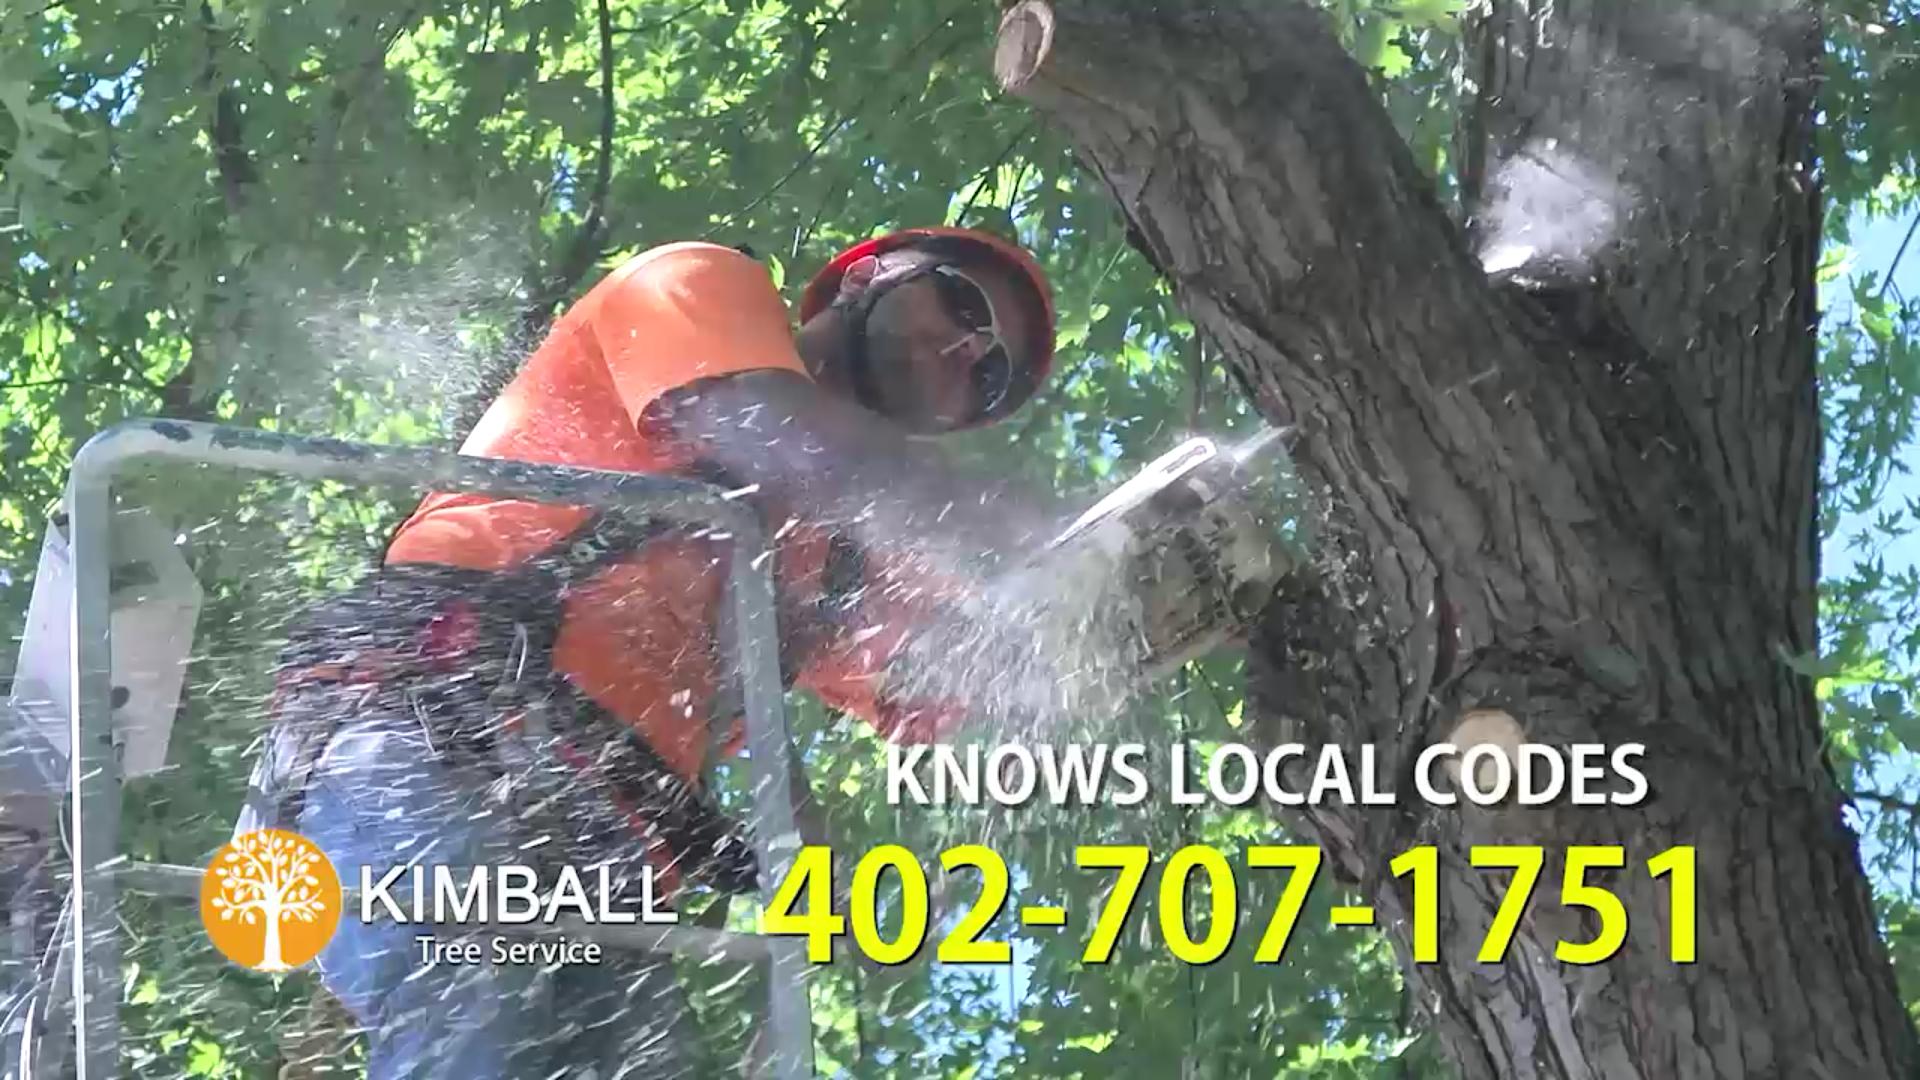 Kimball Tree Service